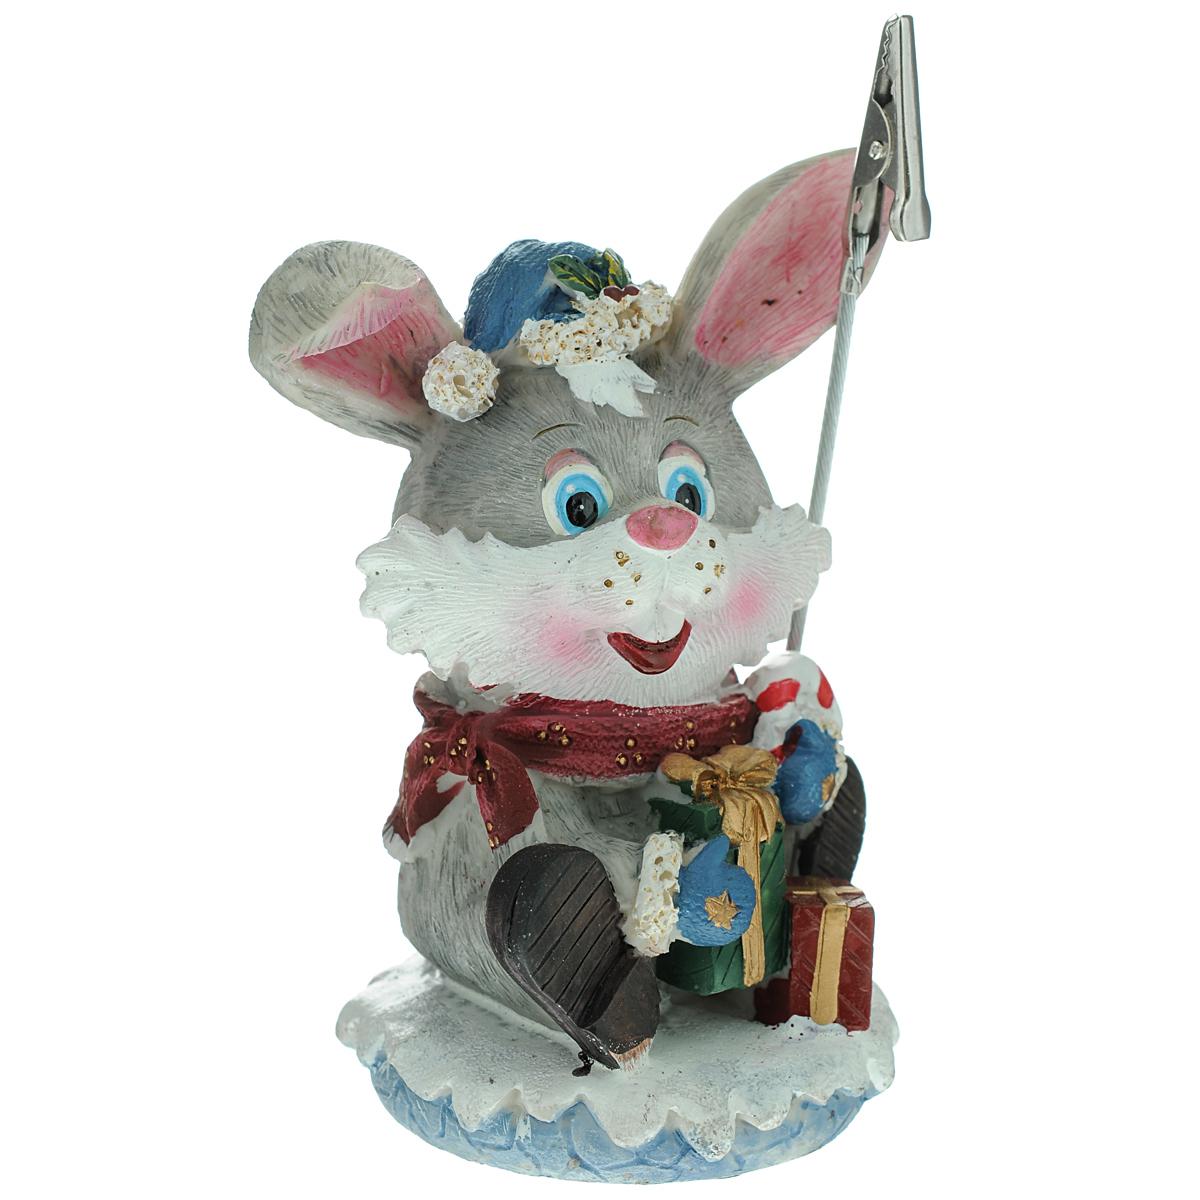 Держатель для бумаги, выполненный в виде кролика, который вызовет улыбку у каждого, кто его увидит.    Откройте для себя удивительный мир сказок и грез. Почувствуйте волшебные минуты ожидания праздника, создайте новогоднее настроение вашим дорогим  и близким.   Характеристики:  Материал:  полистоун, металл. Размер:  12,5 см х 8 см х 5 см. Производитель: Ирландия. Артикул: SWT-2011.  Mister Christmas как марка, стоявшая у самых истоков новогодней индустрии в России, сегодня является подлинным лидером рынка. Продукция марки обрела популярность и заслужила доверие самого широкого круга потребителей.   Миссия Mister Christmas - это одновременно и возрождение утраченных рождественских традиций, и привнесение модных тенденций в празднование Нового года и Рождества, развитие новогодней культуры в целом.   Благодаря таланту и мастерству дизайнеров, технологиям и опыту мировой новогодней индустрии товары от Mister Christmas стали настоящим символом Нового года, эталоном качества и хорошего вкуса.    Уважаемые клиенты!  Обращаем ваше внимание на возможные изменения в дизайне держателя.                            Уважаемые клиенты!  Обращаем ваше внимание на ассортимент товара. Поставка возможна в одном из  вариантов, в зависимости от наличия на складе.